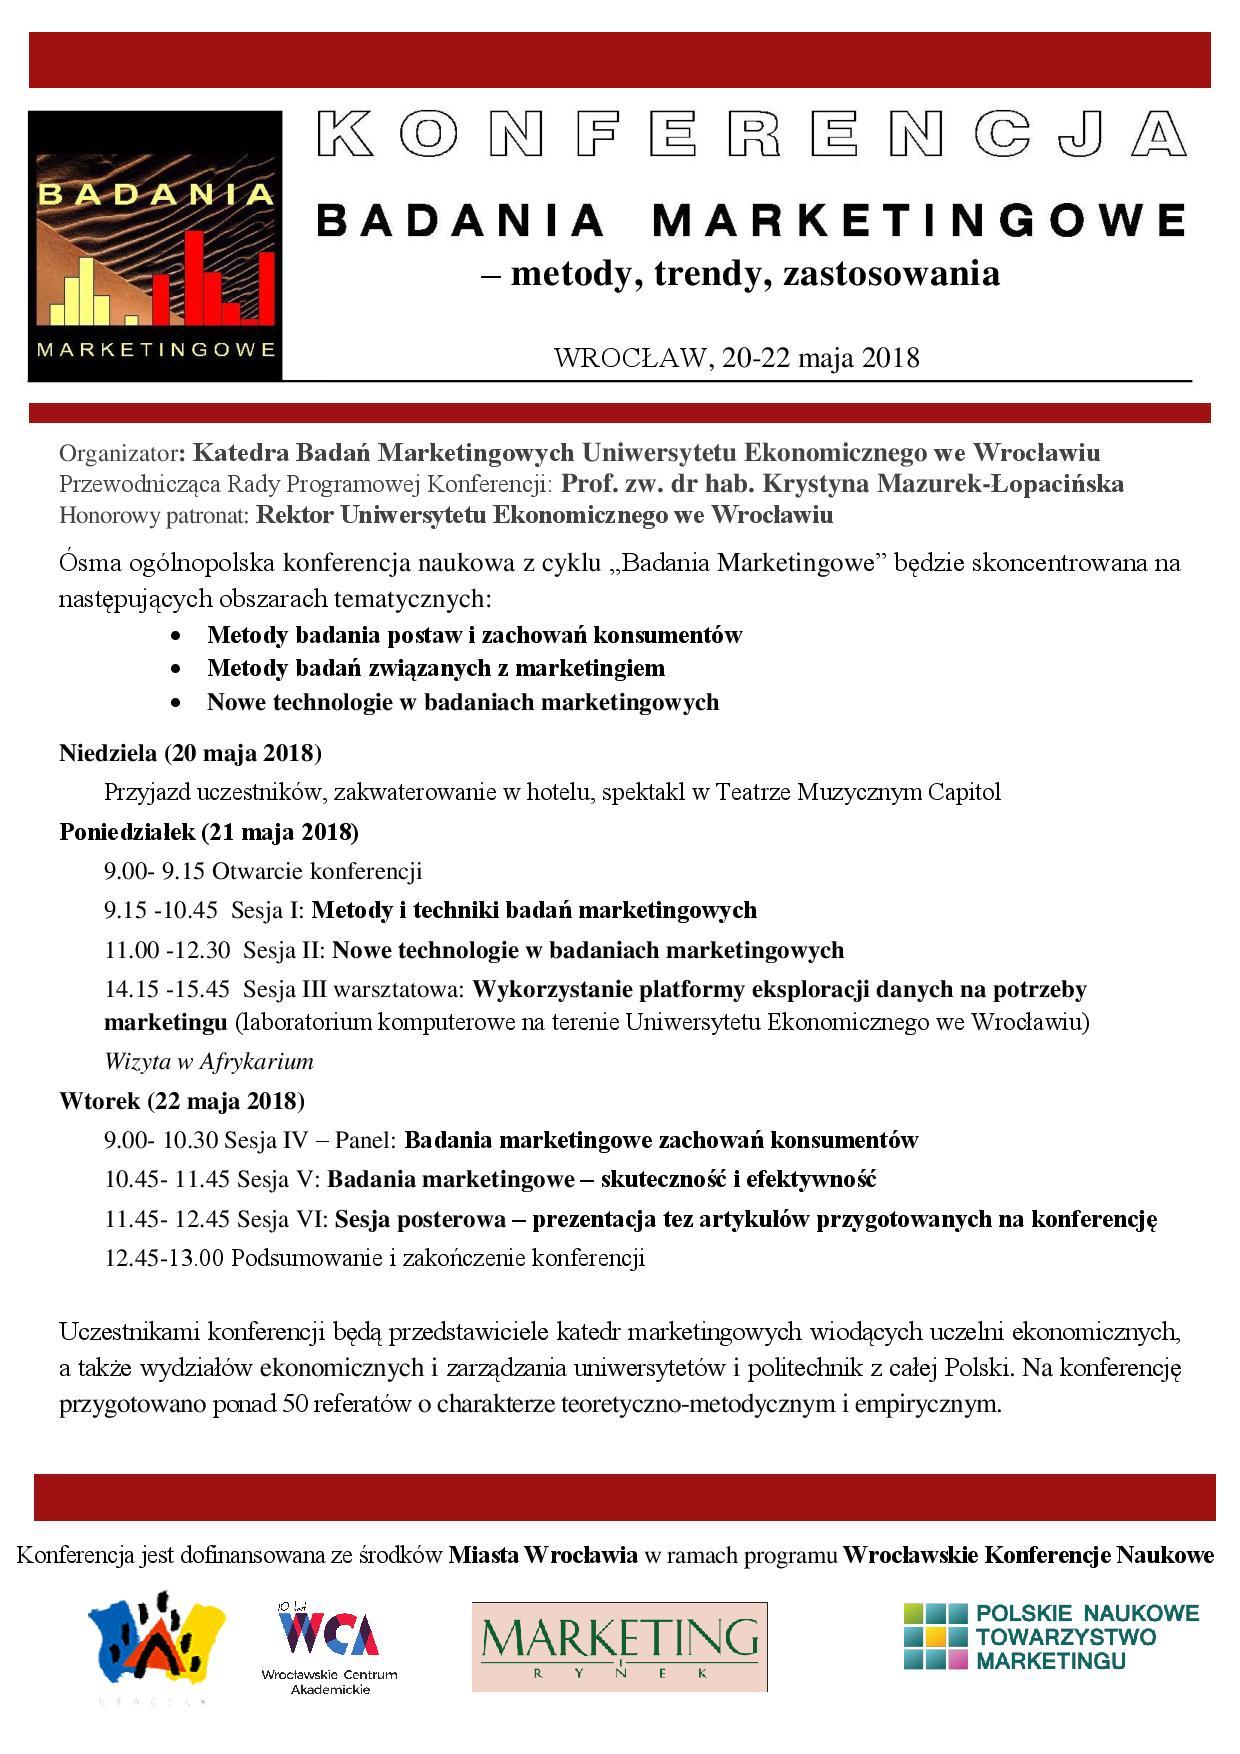 Wrocławskie Konferencje Naukowe Konferencja Badania